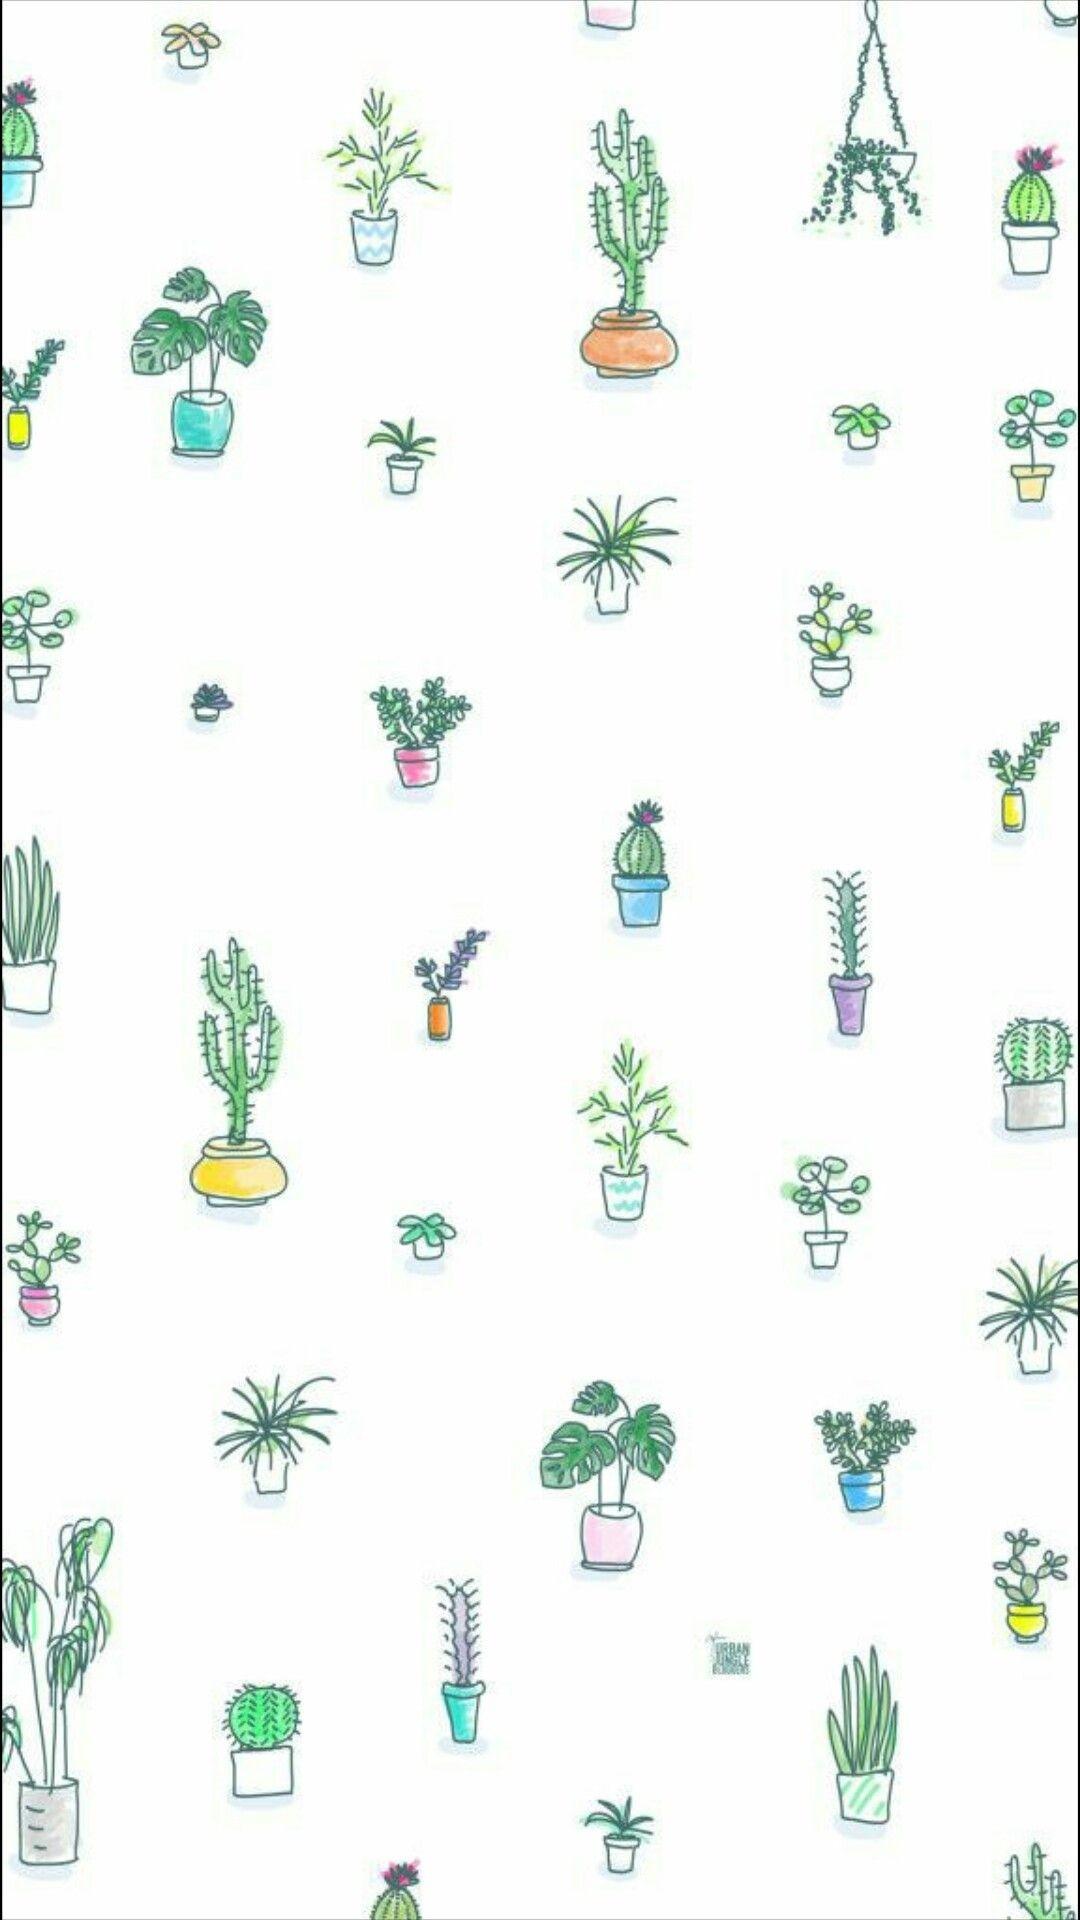 Cactus screensaver wallpaper